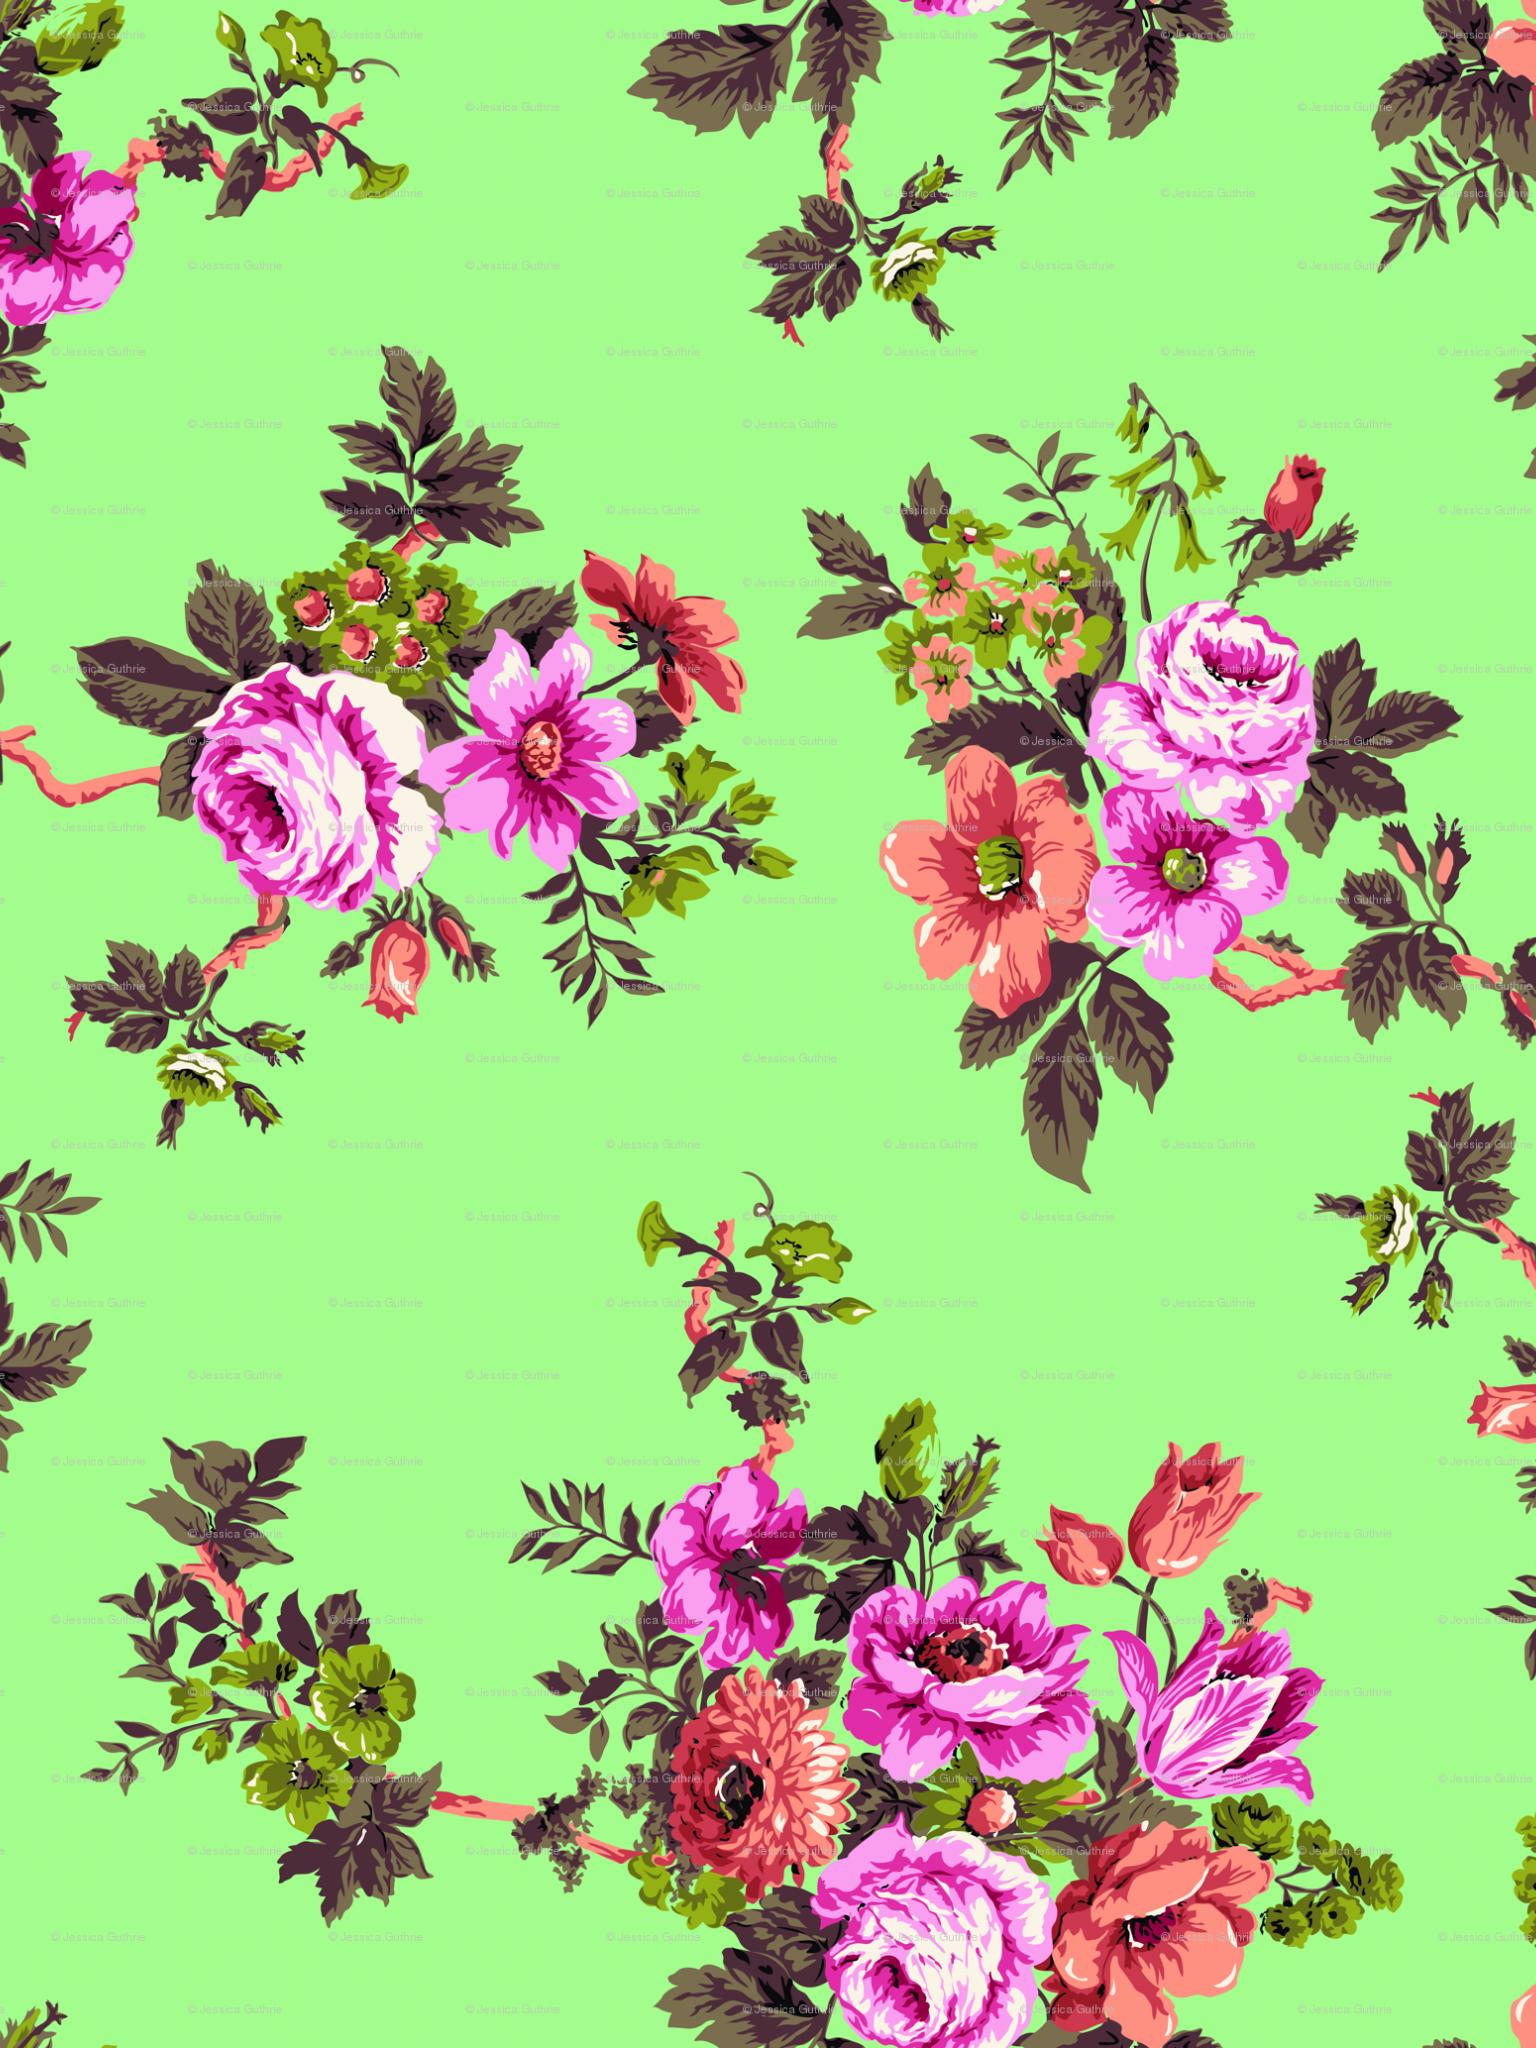 Free Download Vintage Floral Print Desktop Wallpaper Japanese